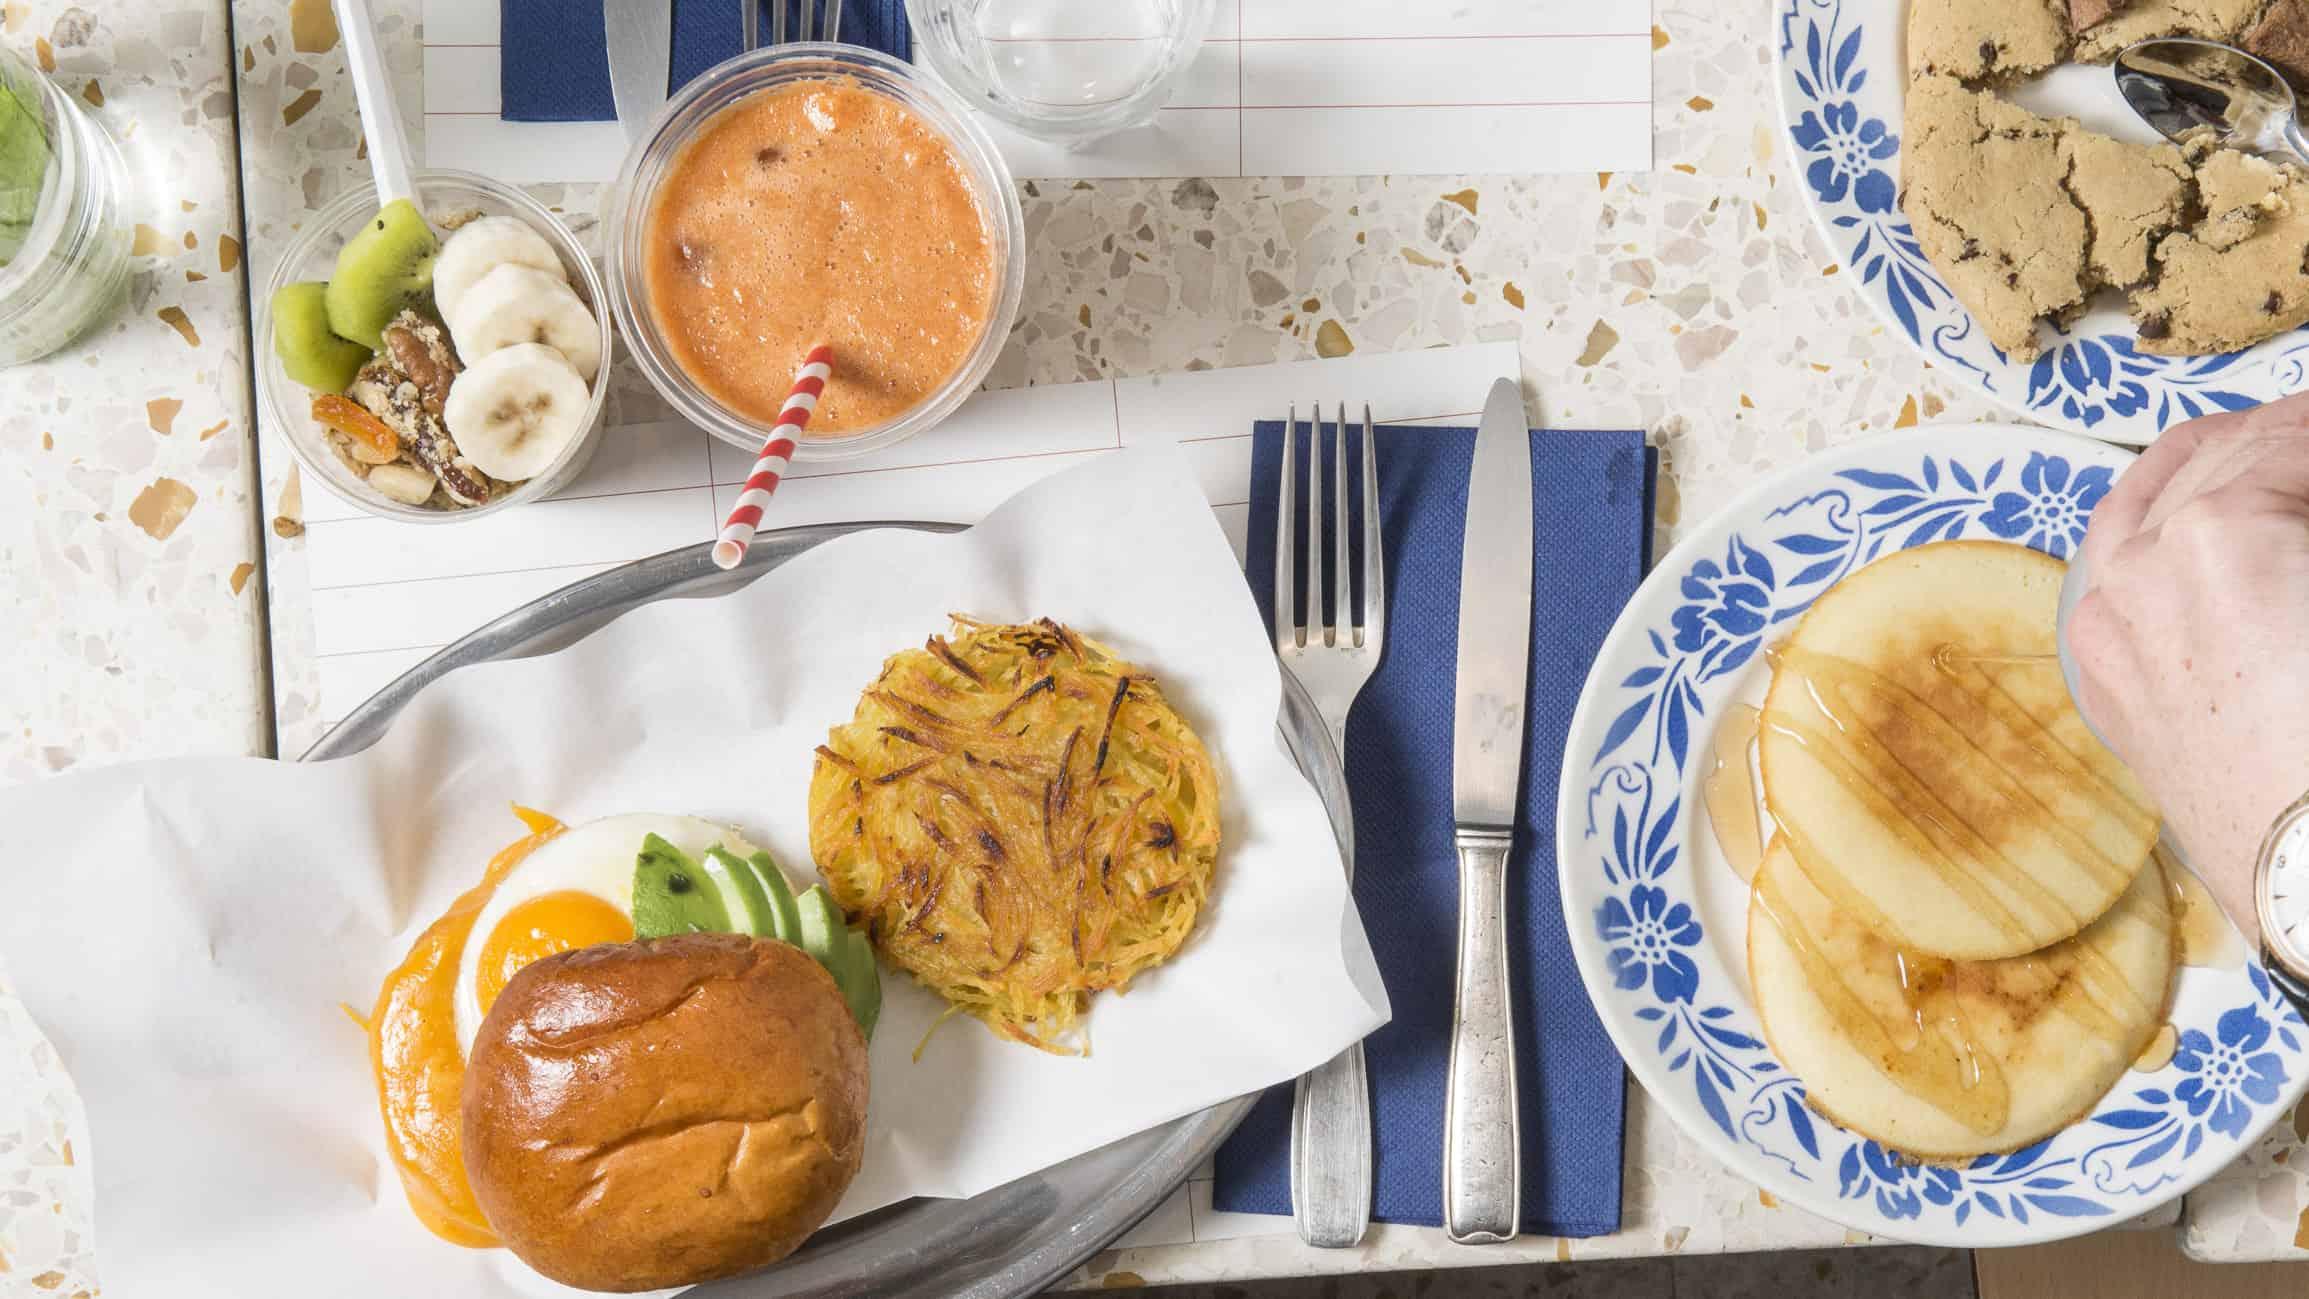 birdy hamburgers burgers frites et brunchs en livraison domicile. Black Bedroom Furniture Sets. Home Design Ideas